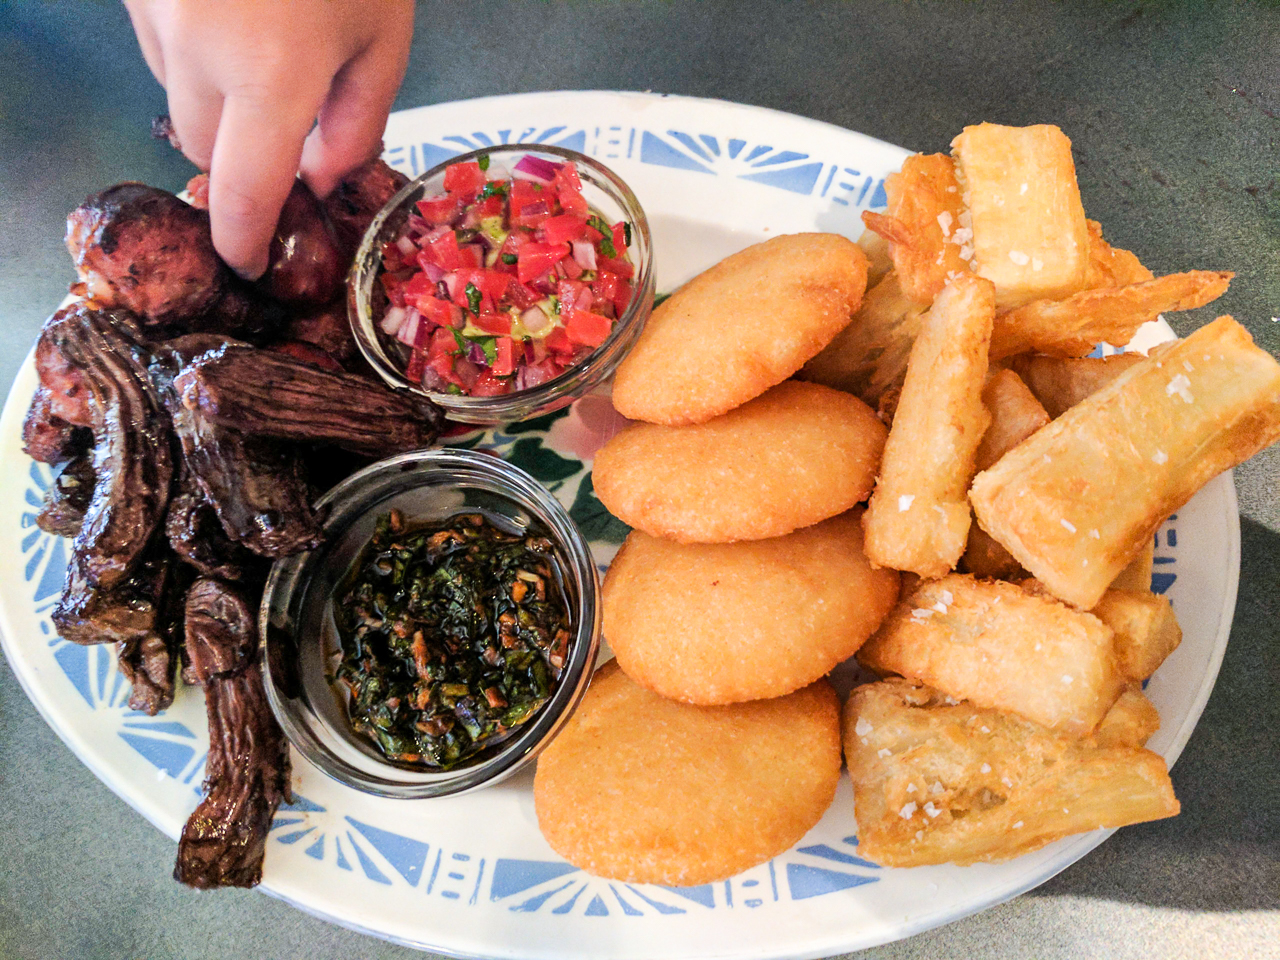 Machete Latino Street Food